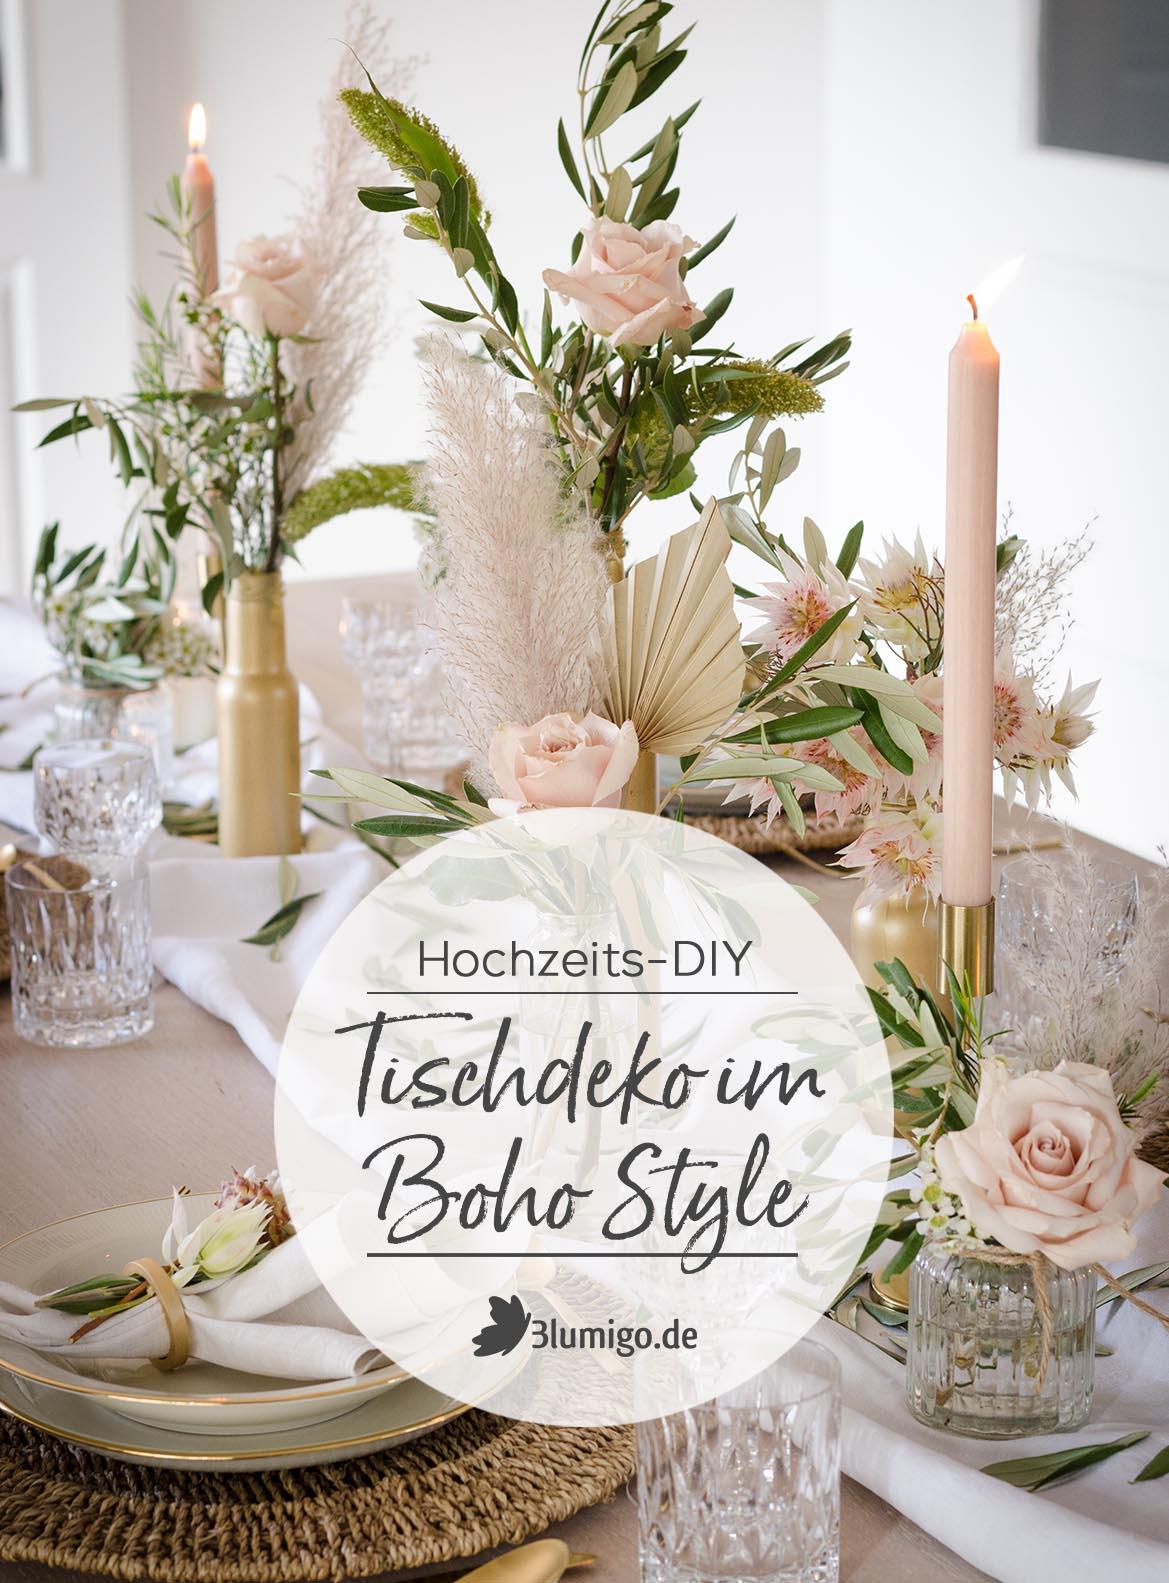 Herbstliche Hochzeit Im Boho Style Teil 2 Tischdeko